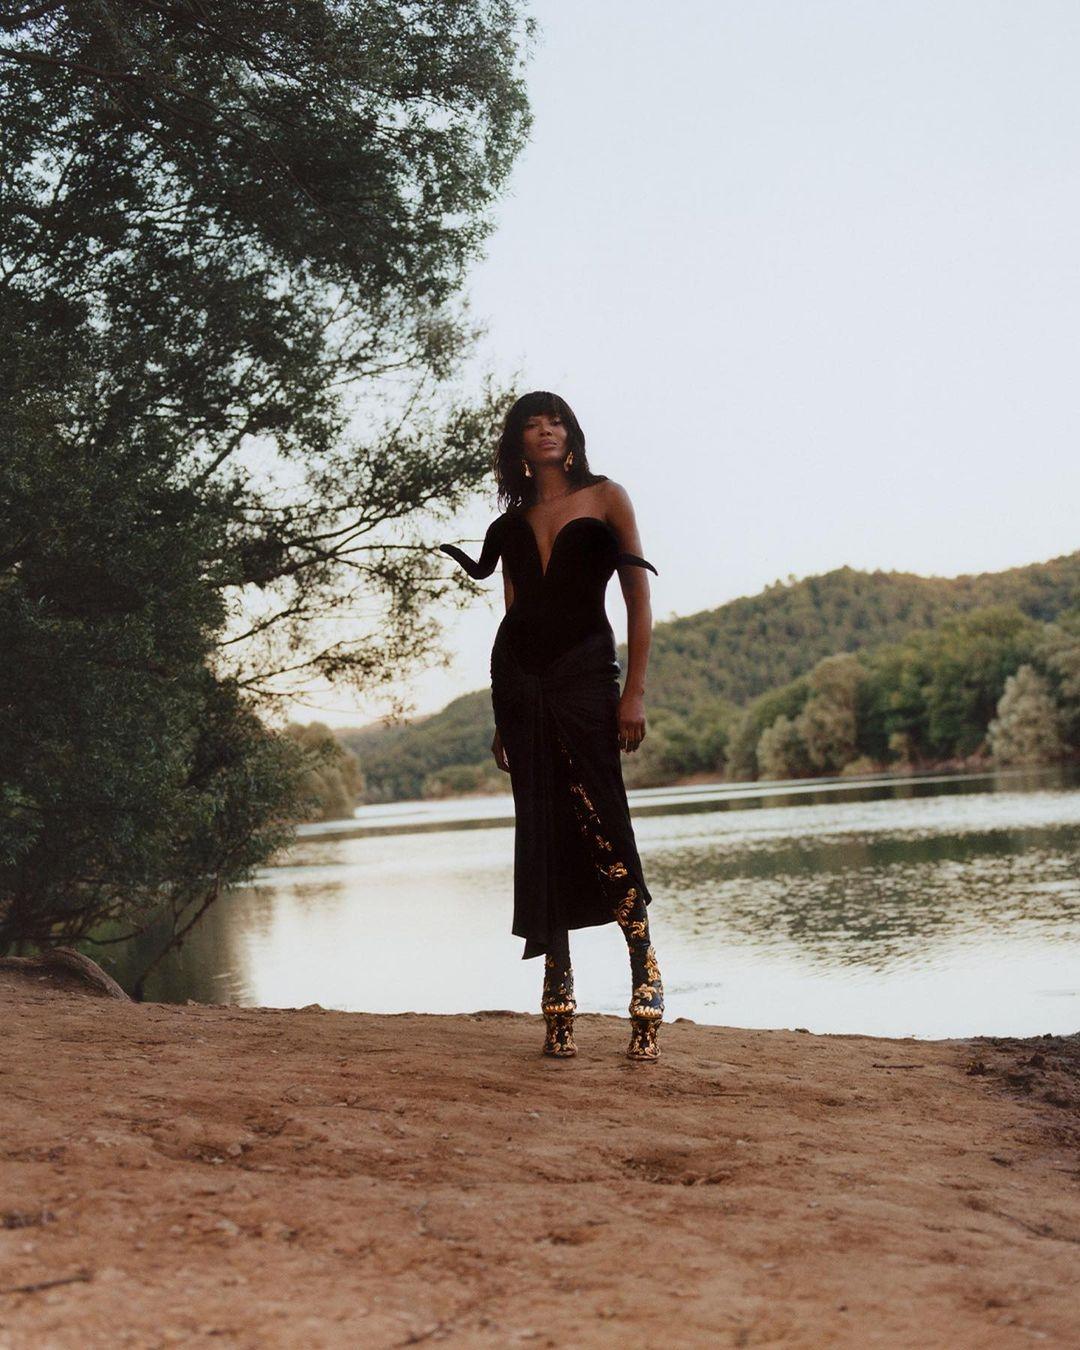 """""""У меня нет времени на горечь"""": Наоми Кэмпбелл приняла участие в эффектной фотосессии для глянца (ФОТО) - фото №3"""